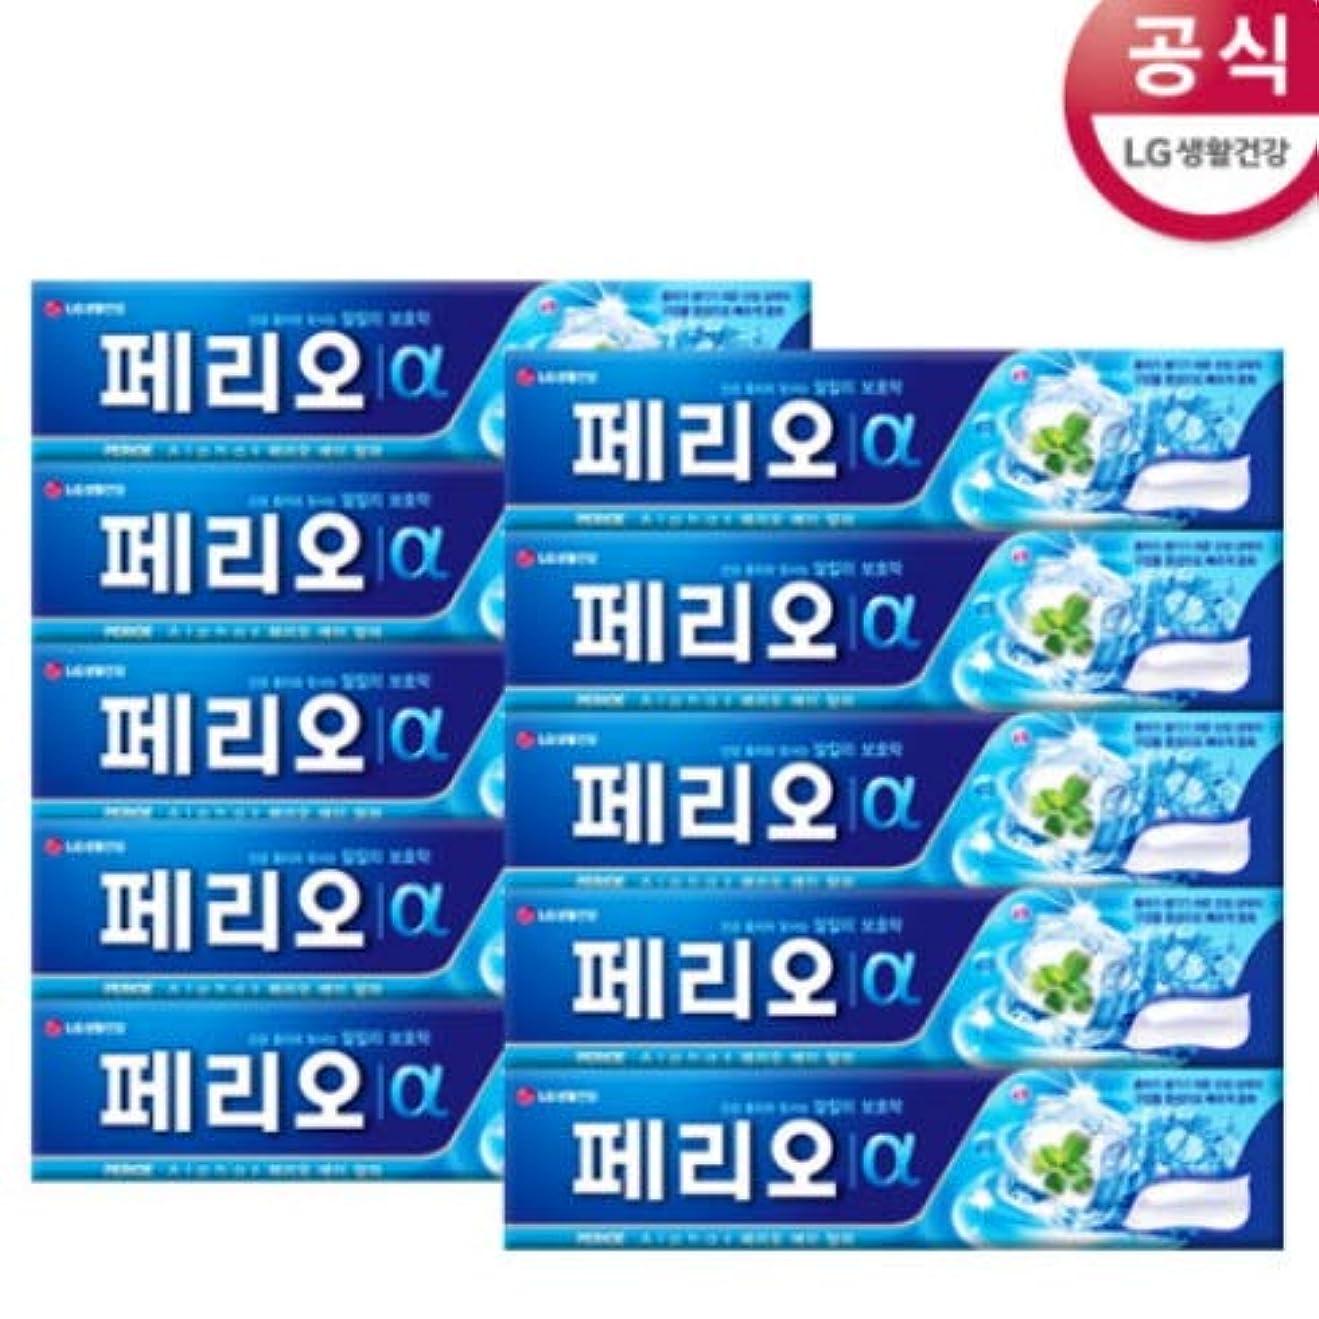 バージン豊かな九月[LG HnB] Perio Alpha Toothpaste/ペリオアルファ歯磨き粉 170gx10個(海外直送品)